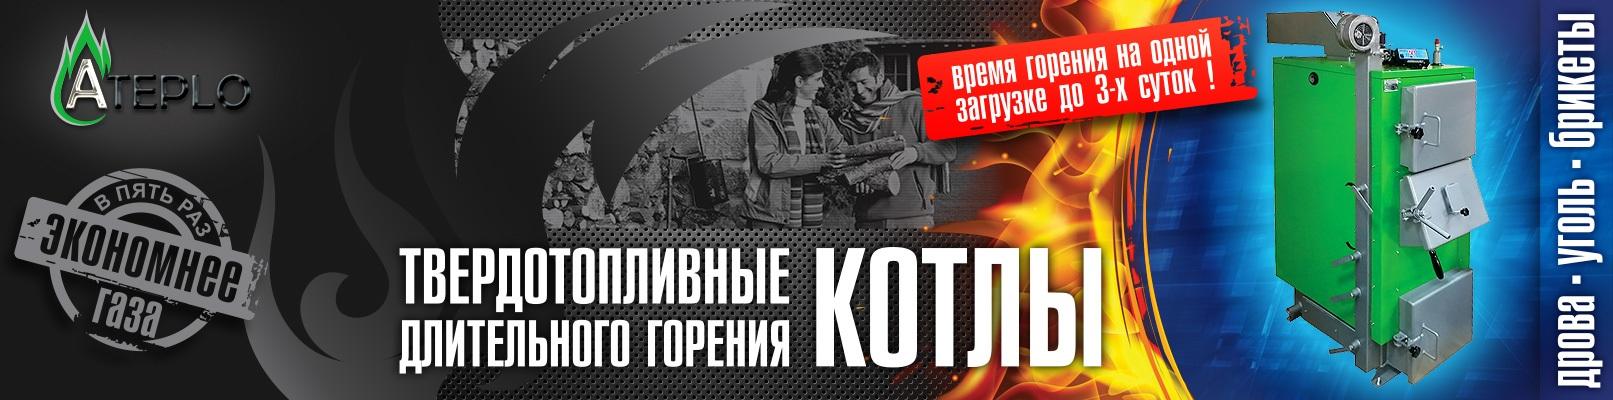 tverdotoplivnye-kotly-ateplo-slajder_1_1